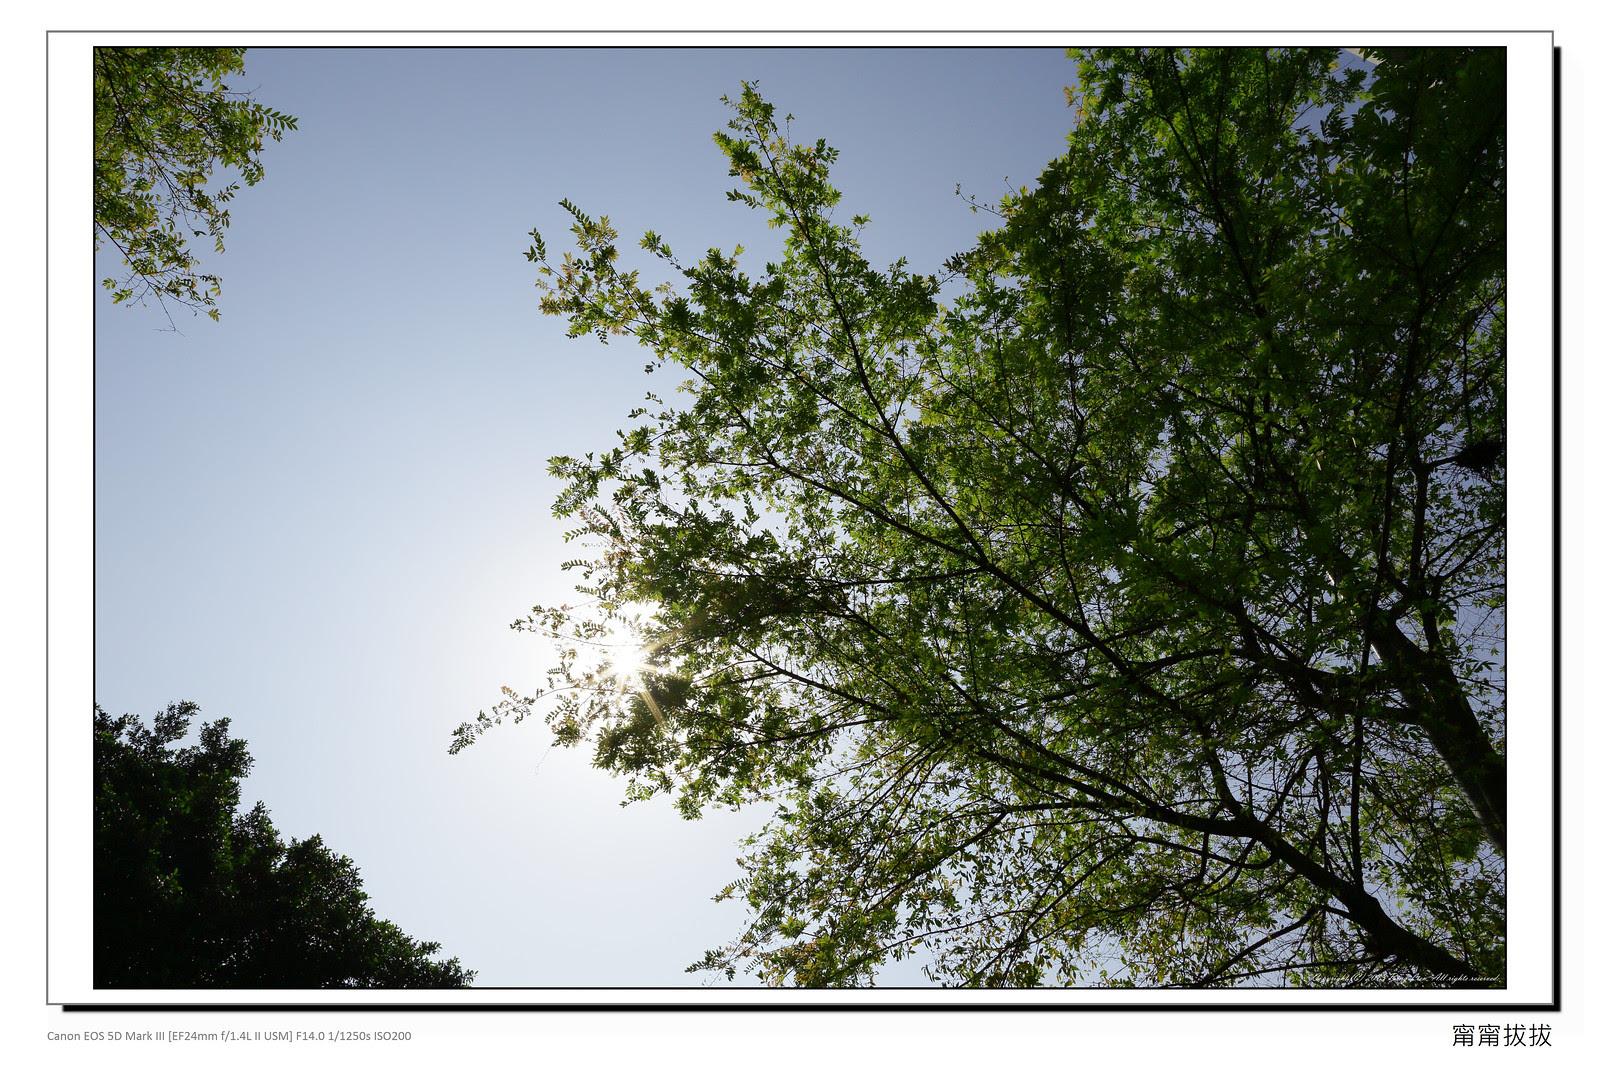 frame_BING7295